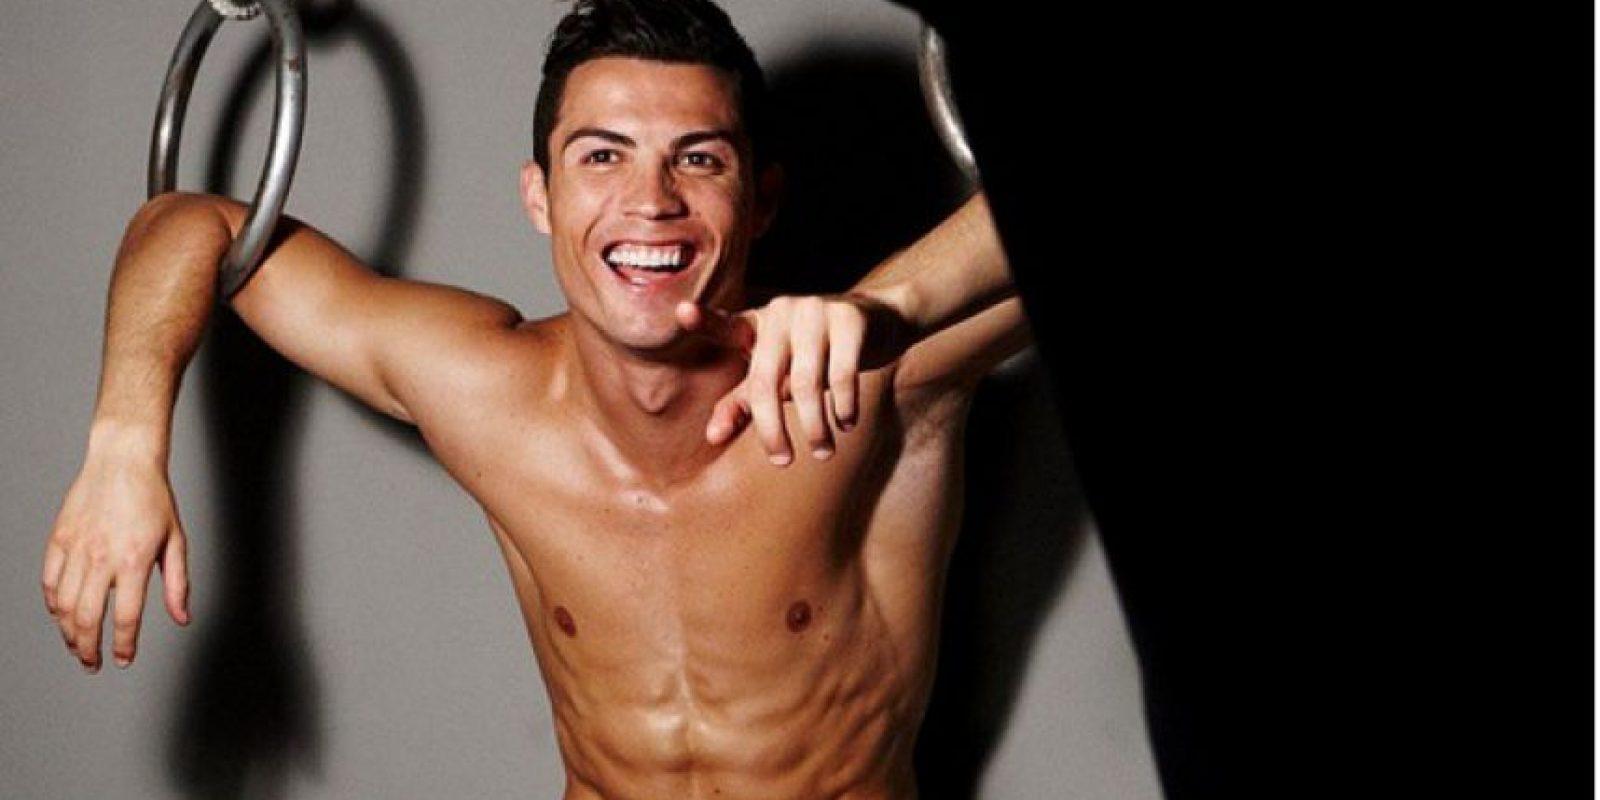 Cristiano Ronaldo modeló para su línea de calzoncillos. Foto:Instagram